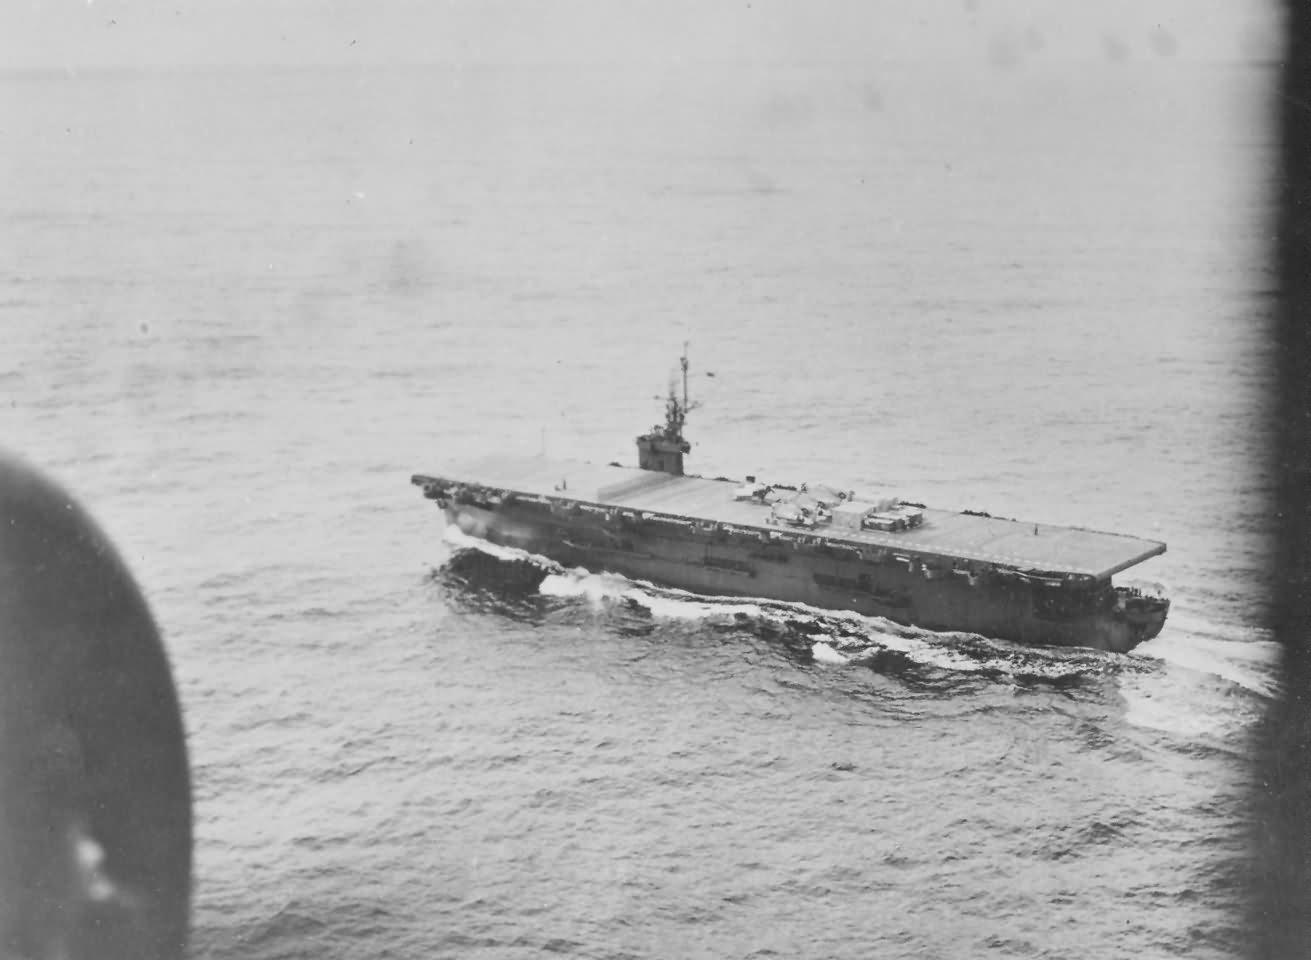 Escort carrier USS Kalinin Bay CVE-68 planes on deck